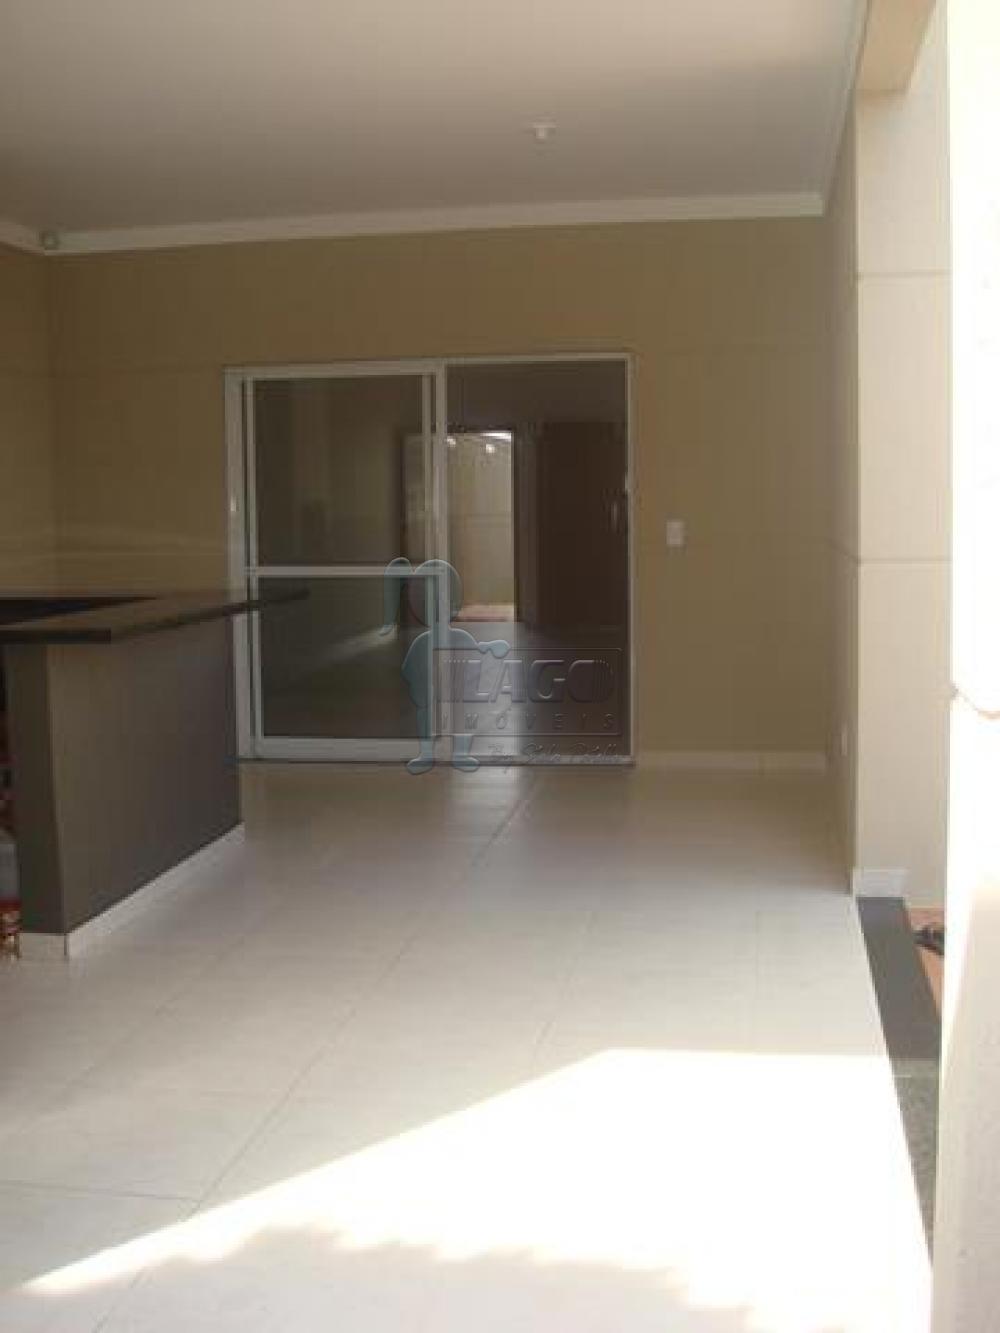 Comprar Casas / Padrão em Bonfim Paulista apenas R$ 500.000,00 - Foto 19